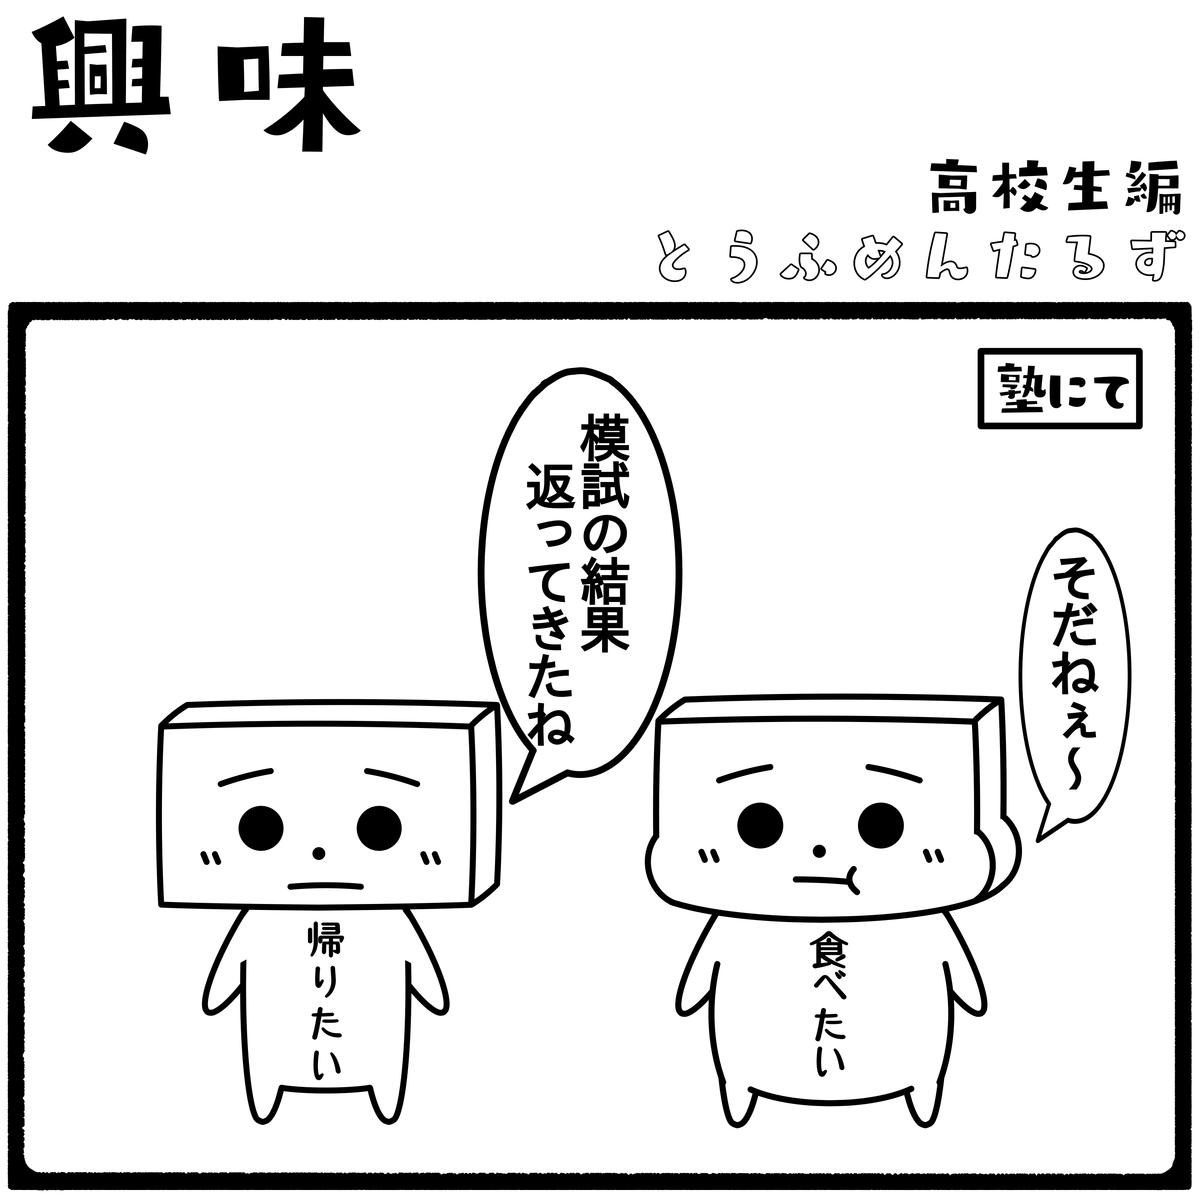 とうふめんたるず 豆腐メンタル 日常 4コマ漫画 興味